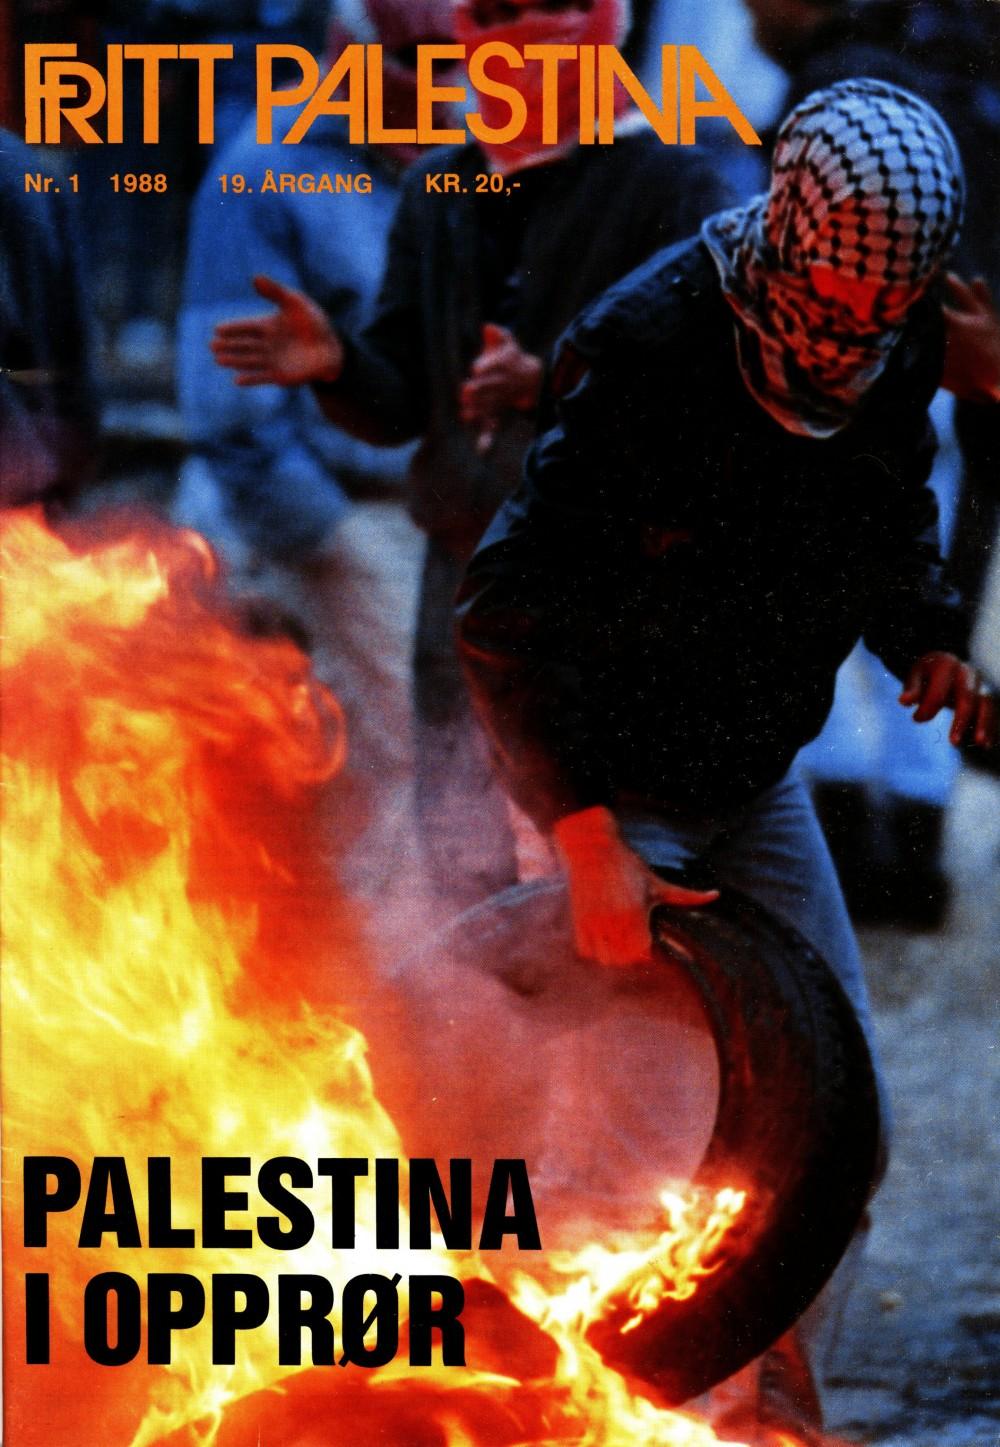 Fritt Palestina - nr. 1 1988